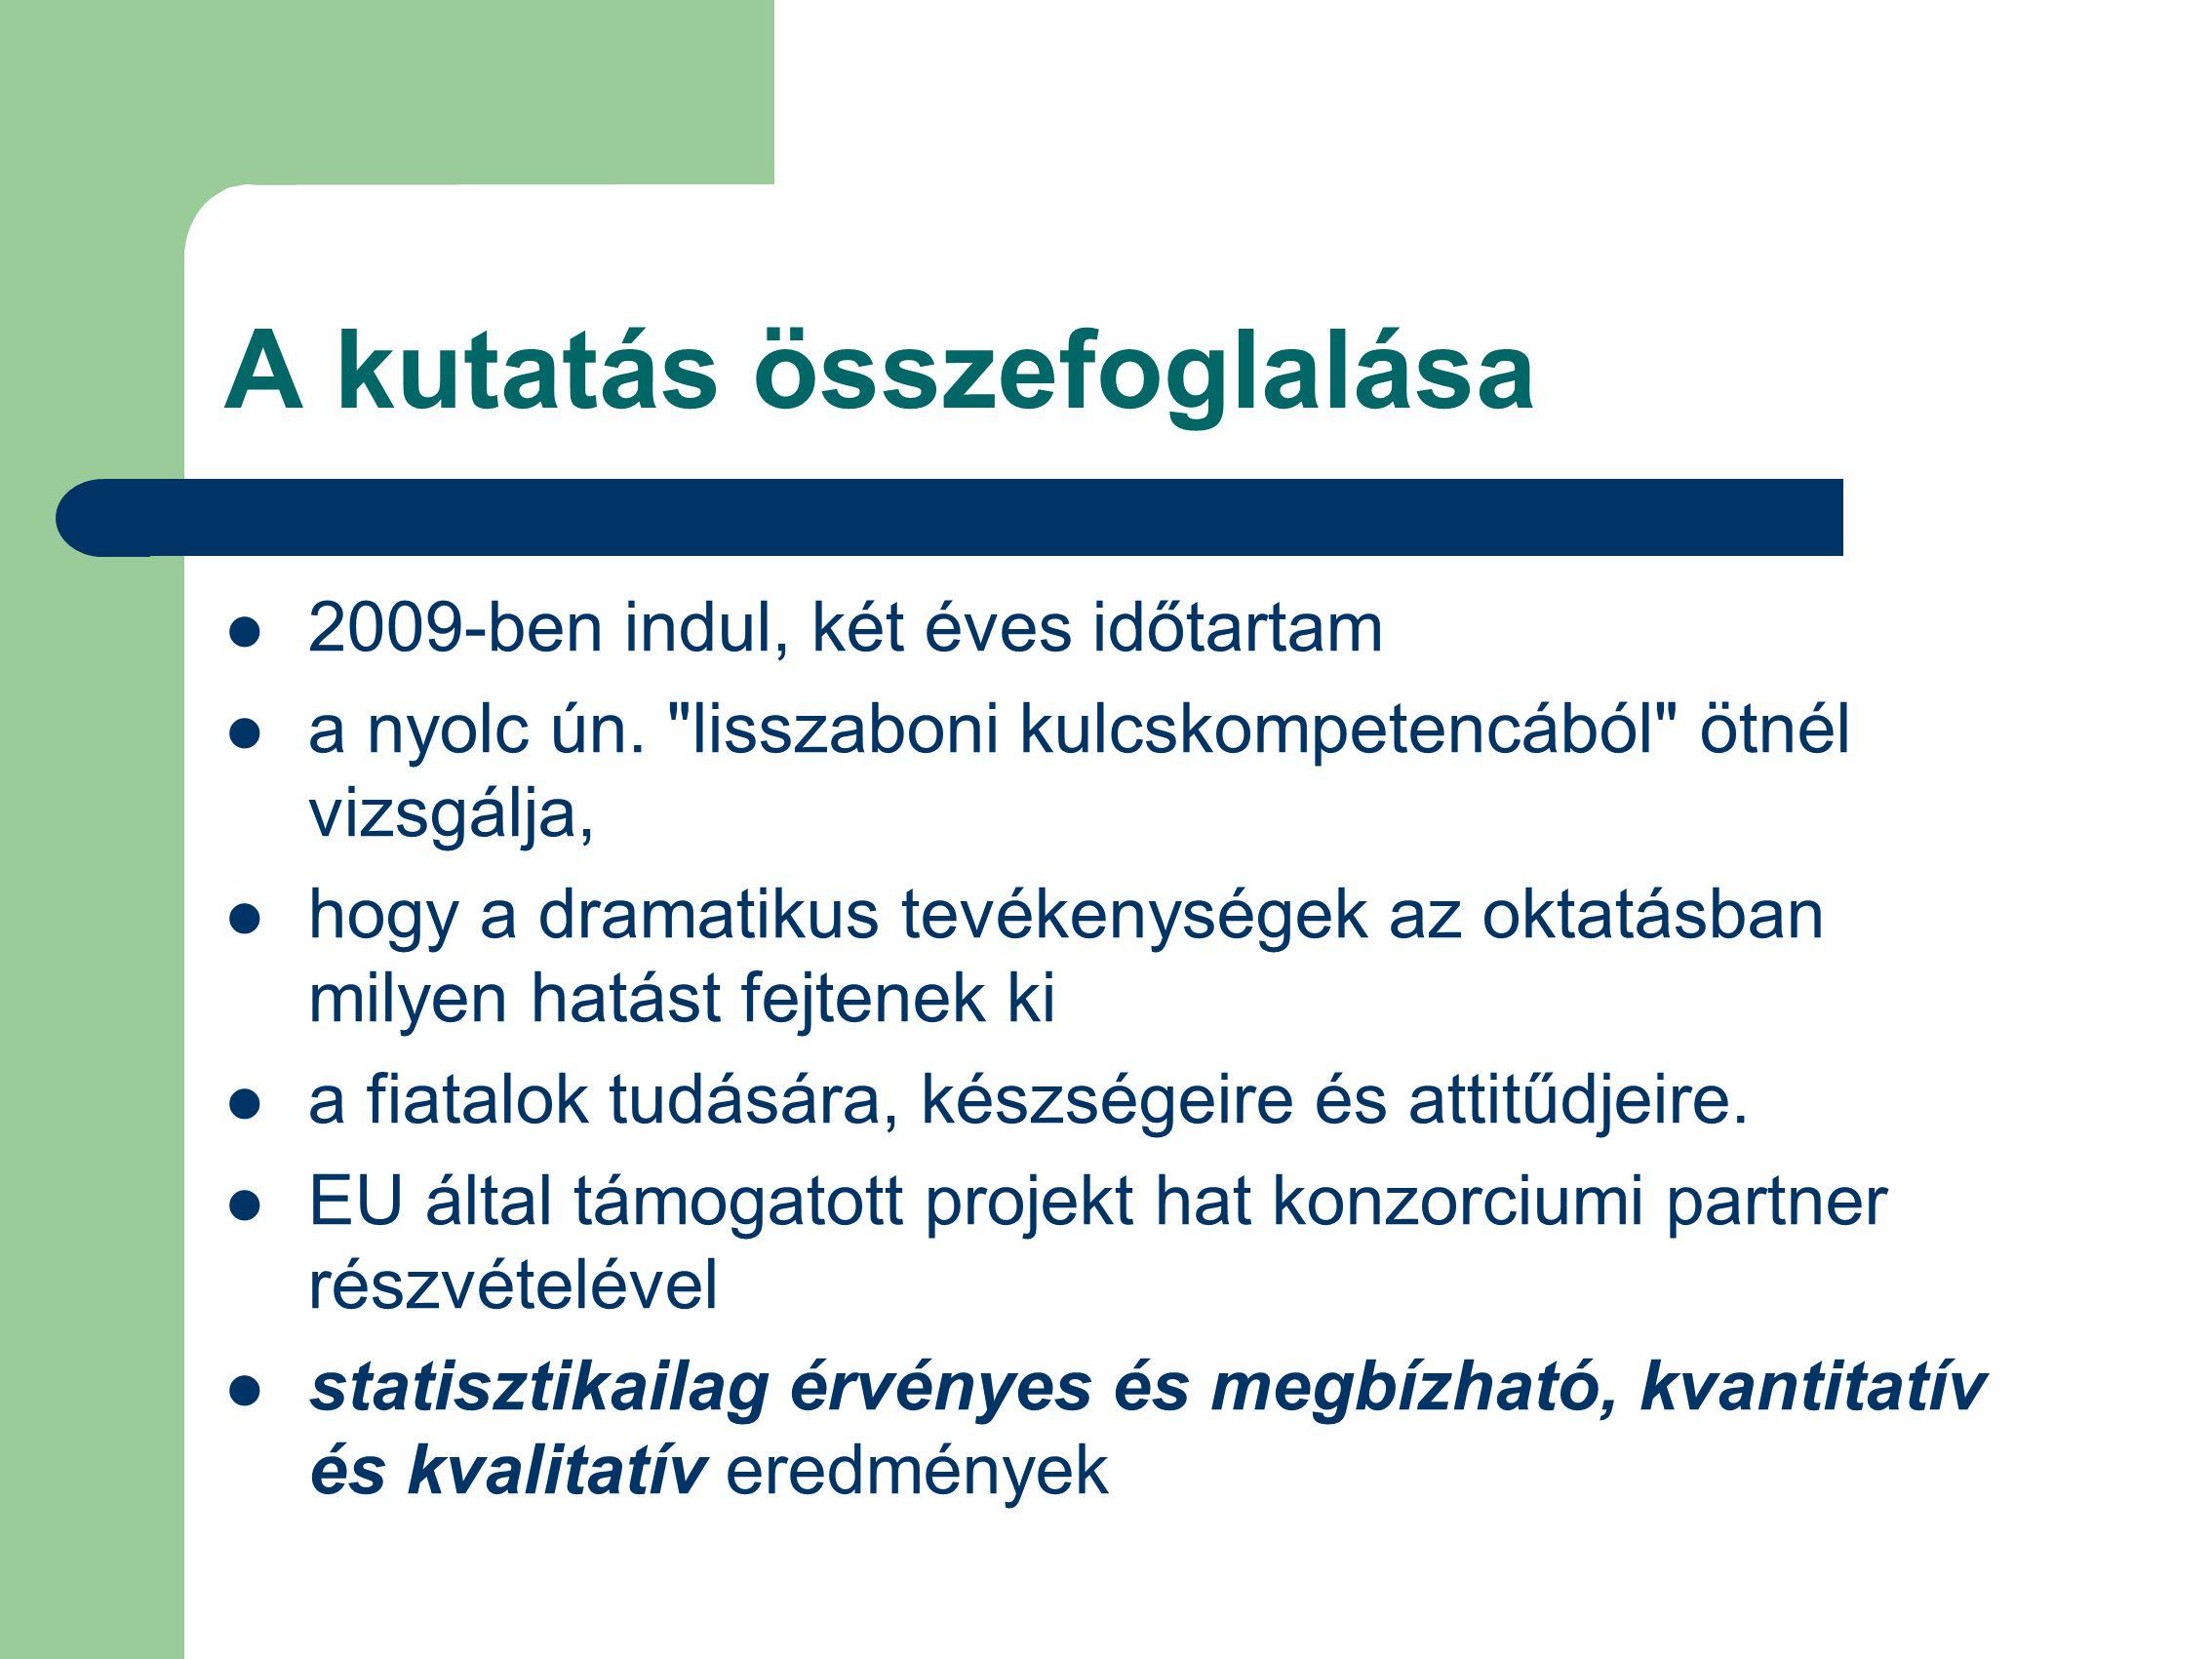 Konzorcium tagjai Magyarország: Káva Kulturális Műhely (konzorciumvezető) Anglia: Big Brum Hollandia / Gáza övezet: Theatre Days Lengyelország: Gdansk-i Egyetem Románia: Sigma Art Szlovénia: Taka Tuka Club További országok csatlakozása várható